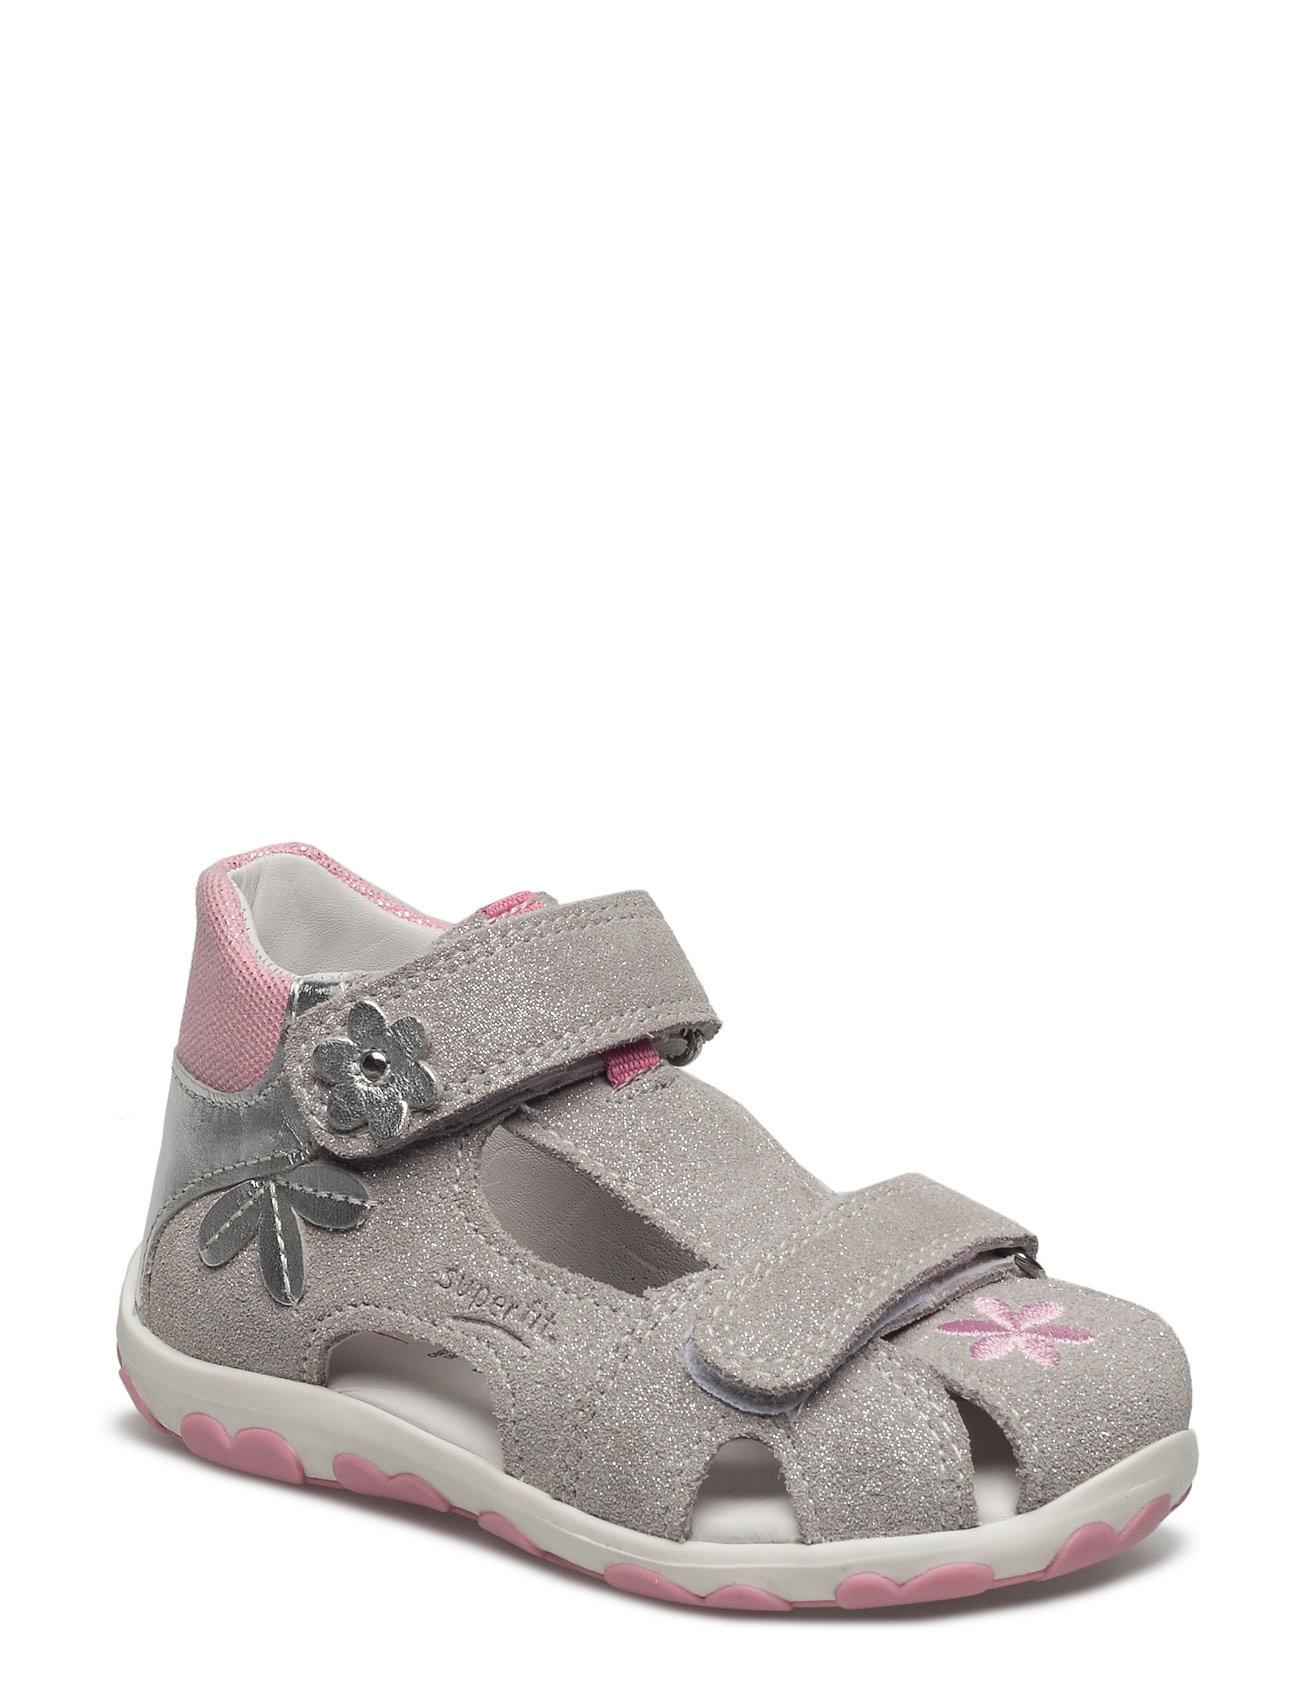 0037c428c911 Køb Fanni Sandals Superfit Sko i til Piger i en online modebutik